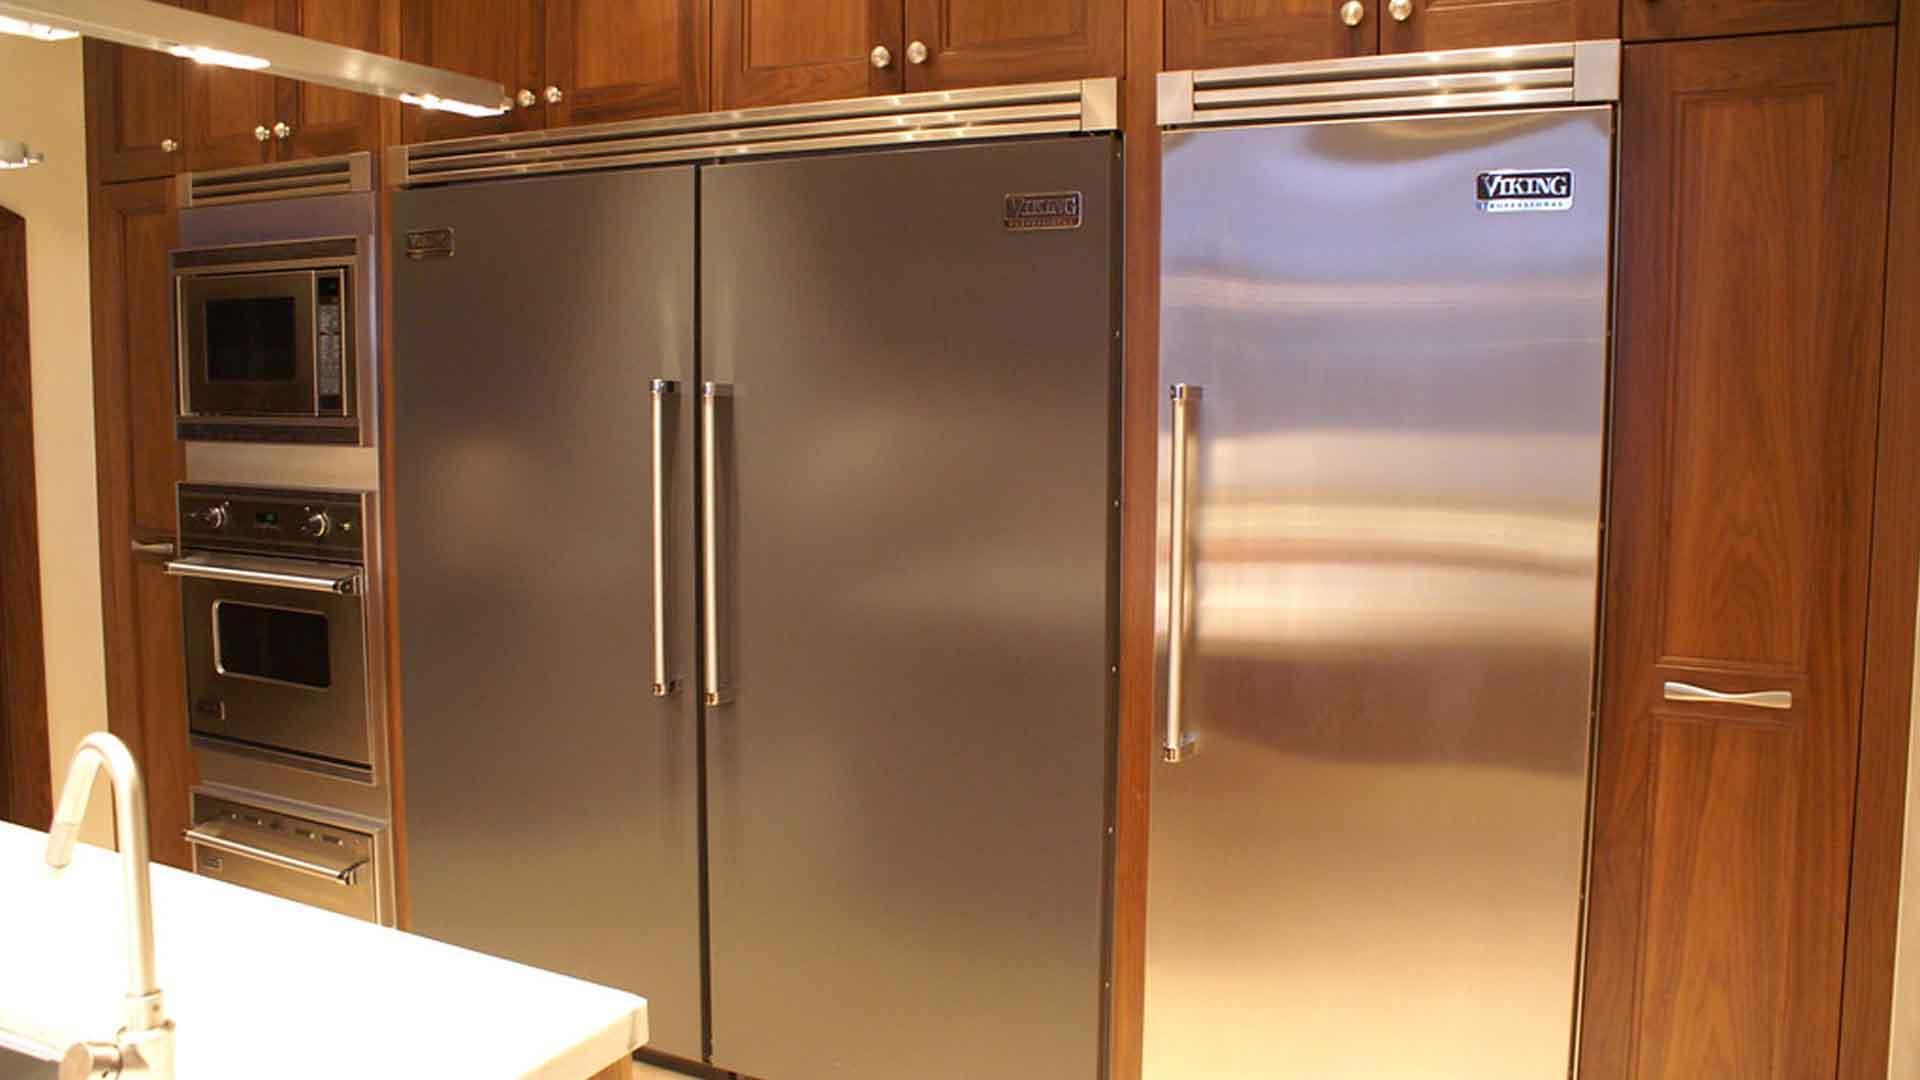 Viking Freestanding All Freezer Refrigerator Repair   Viking Repair Squad